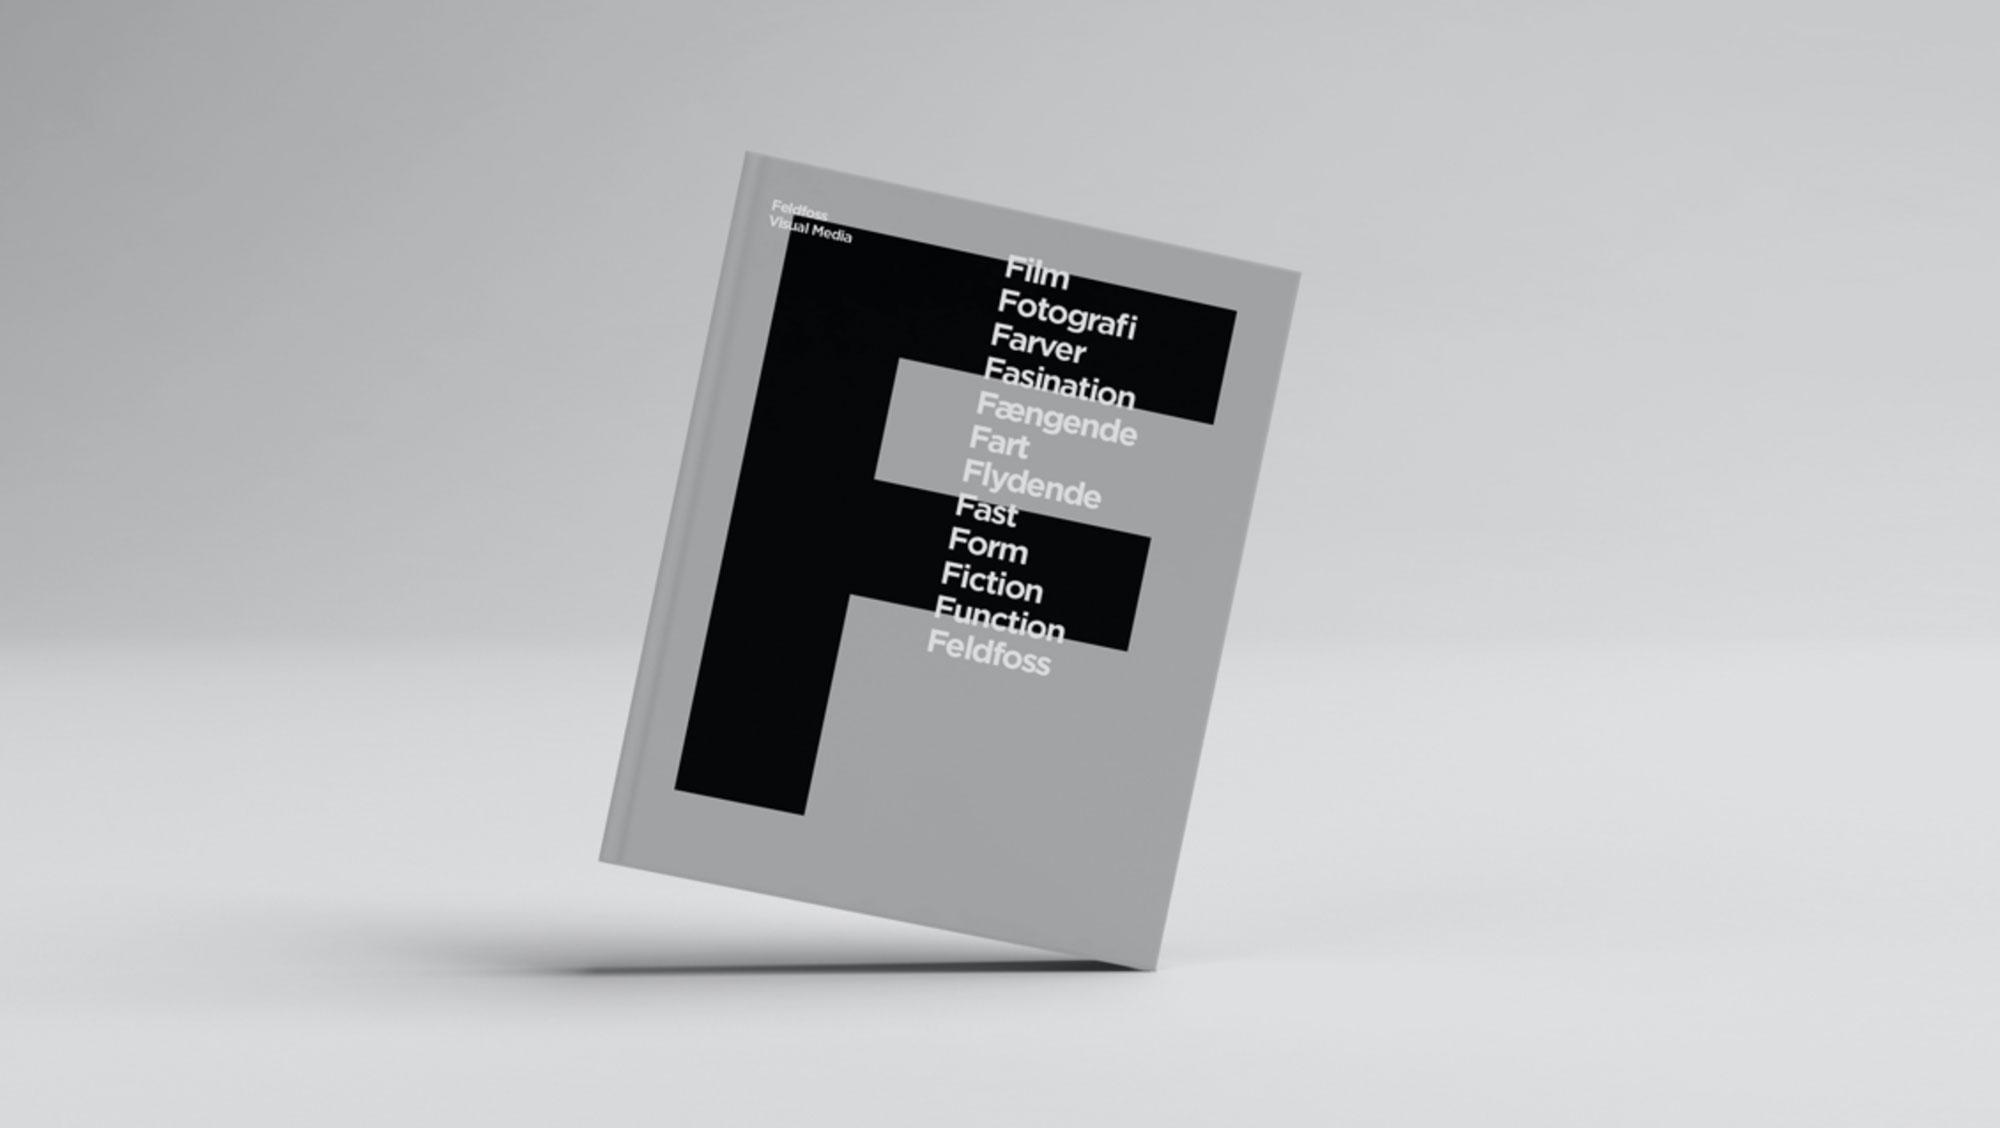 Fuhr_Studio_Design_og_branding_bureau_Feldfoss_Visuel_Identitet_01.jpg